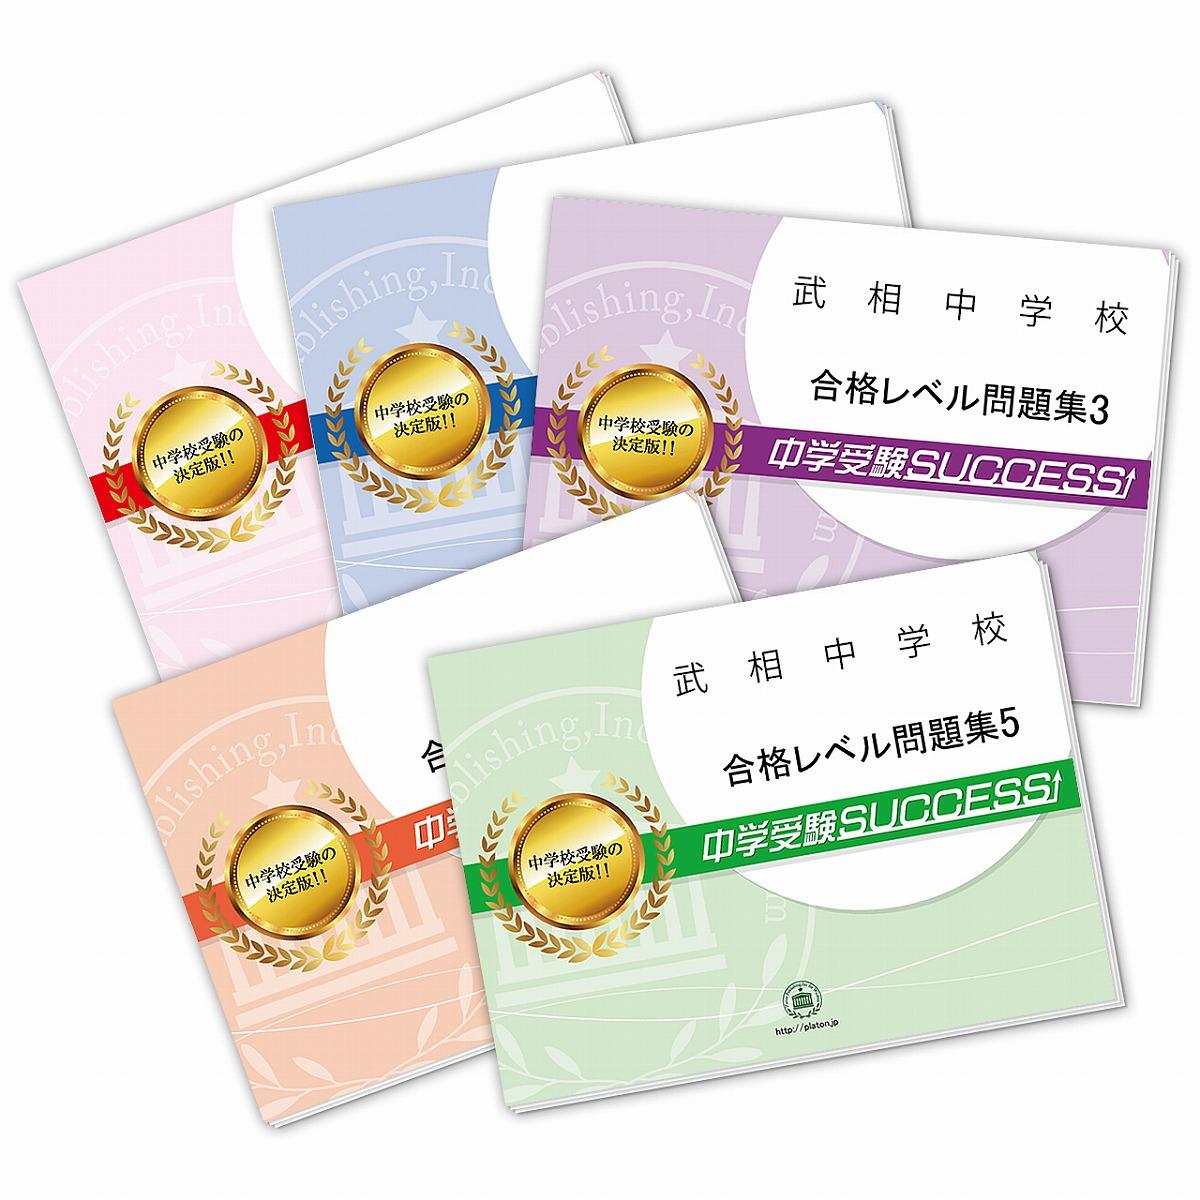 【送料・代引手数料無料】武相中学校・直前対策合格セット(5冊)